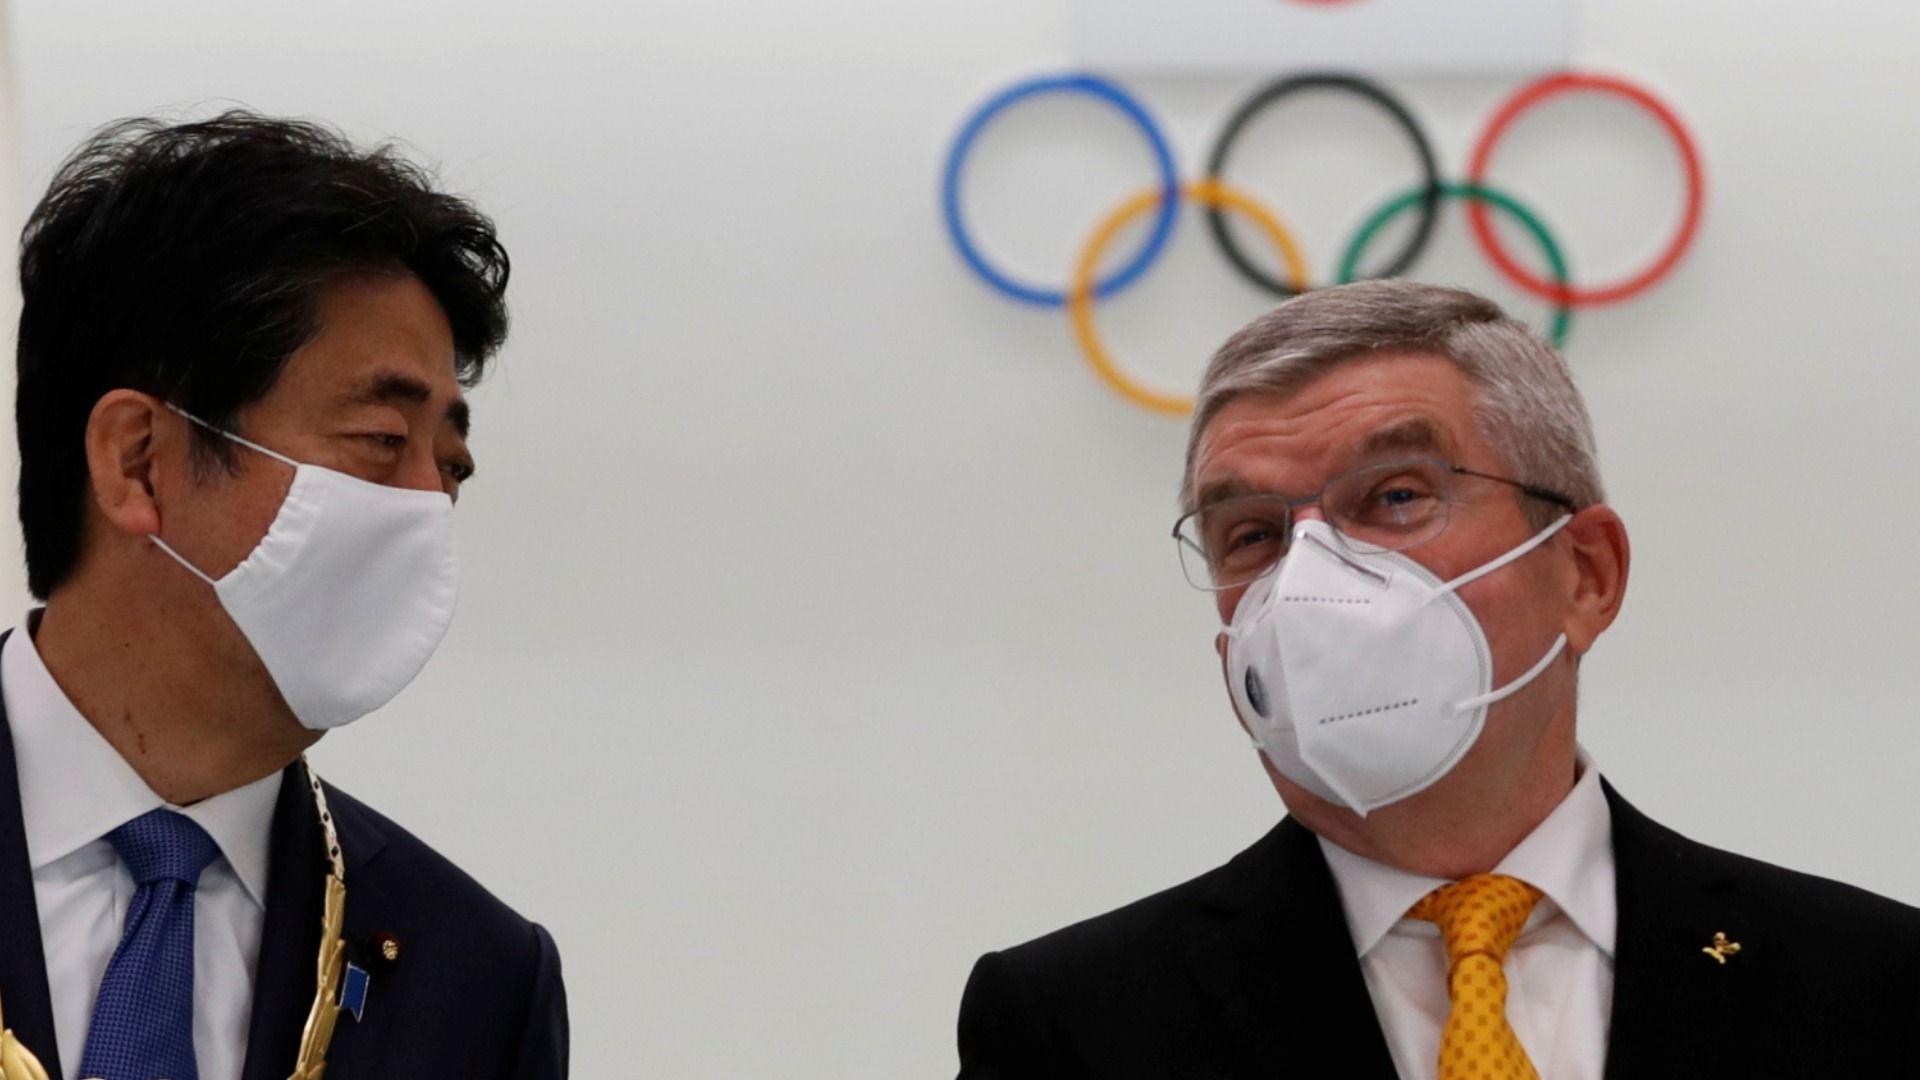 東京五輪のバッハ会長「誰もが犠牲」発言は翻訳ミスでは? 同じ会議で「全員の安全と安心は最優先」とも(篠原修司) - 個人 - Yahoo!ニュース